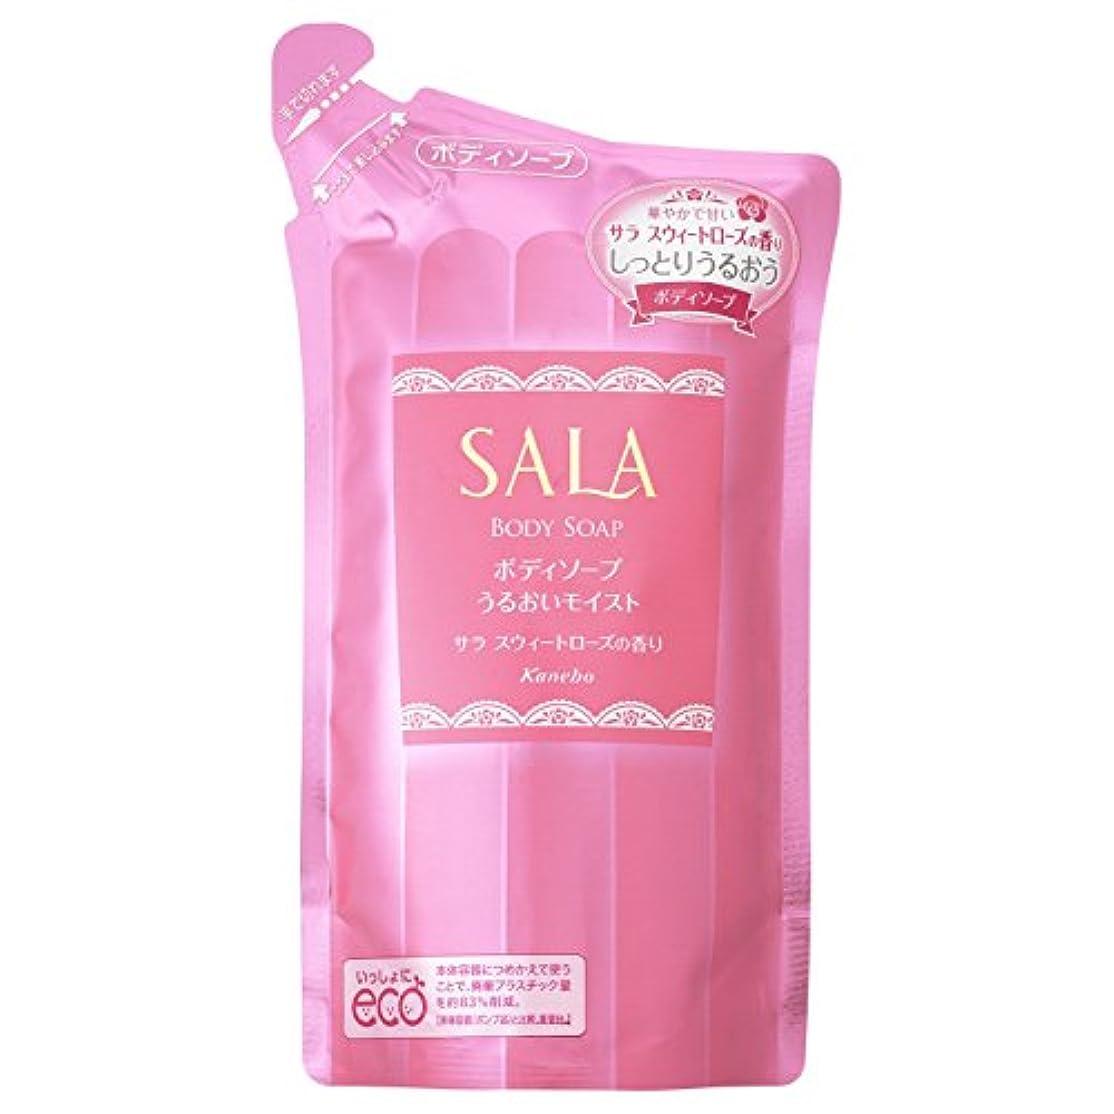 サロン巧みなトランジスタサラ ボディソープ うるおいモイスト つめかえ用 サラスウィートローズの香り